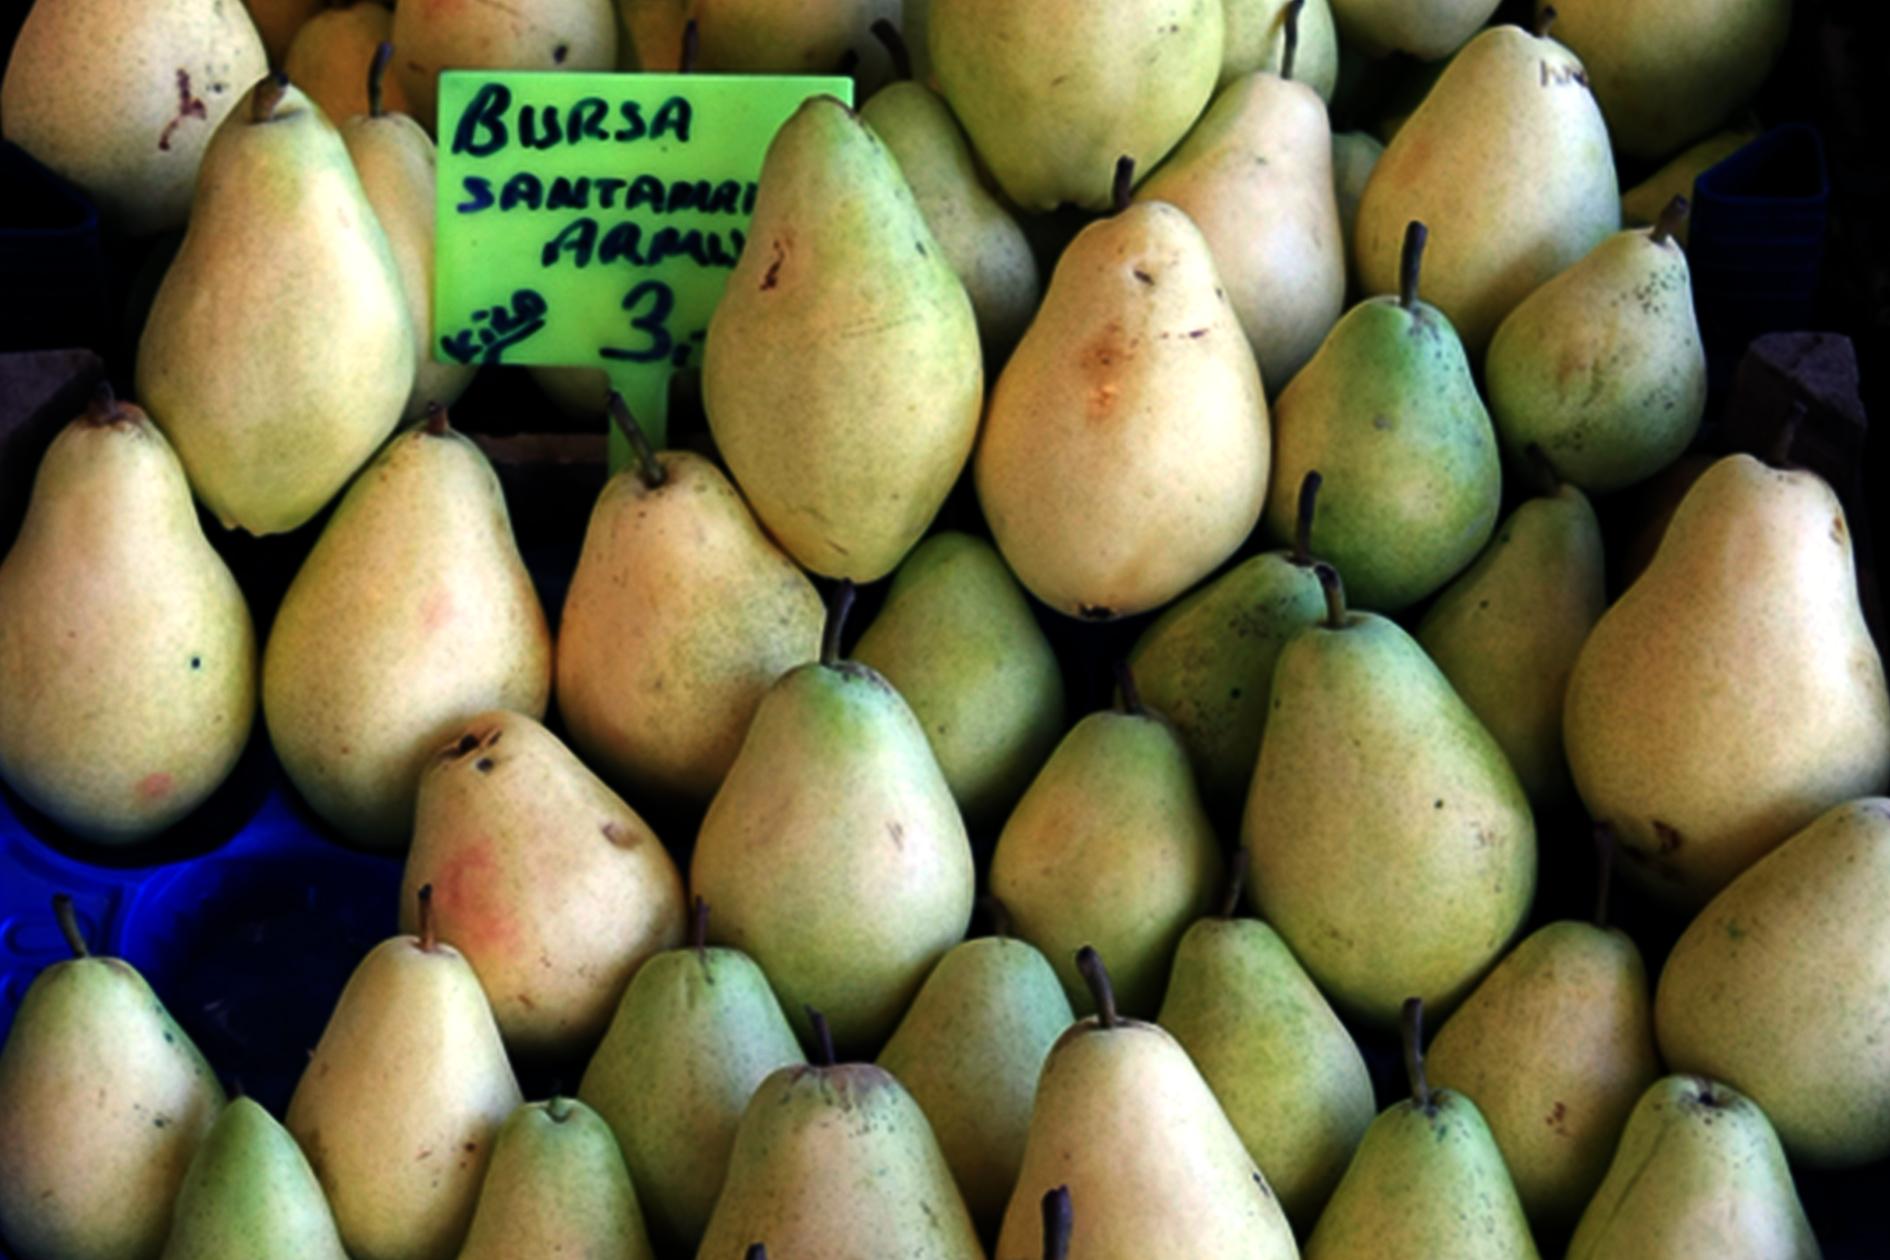 jason-b-graham-pear-armut-0007